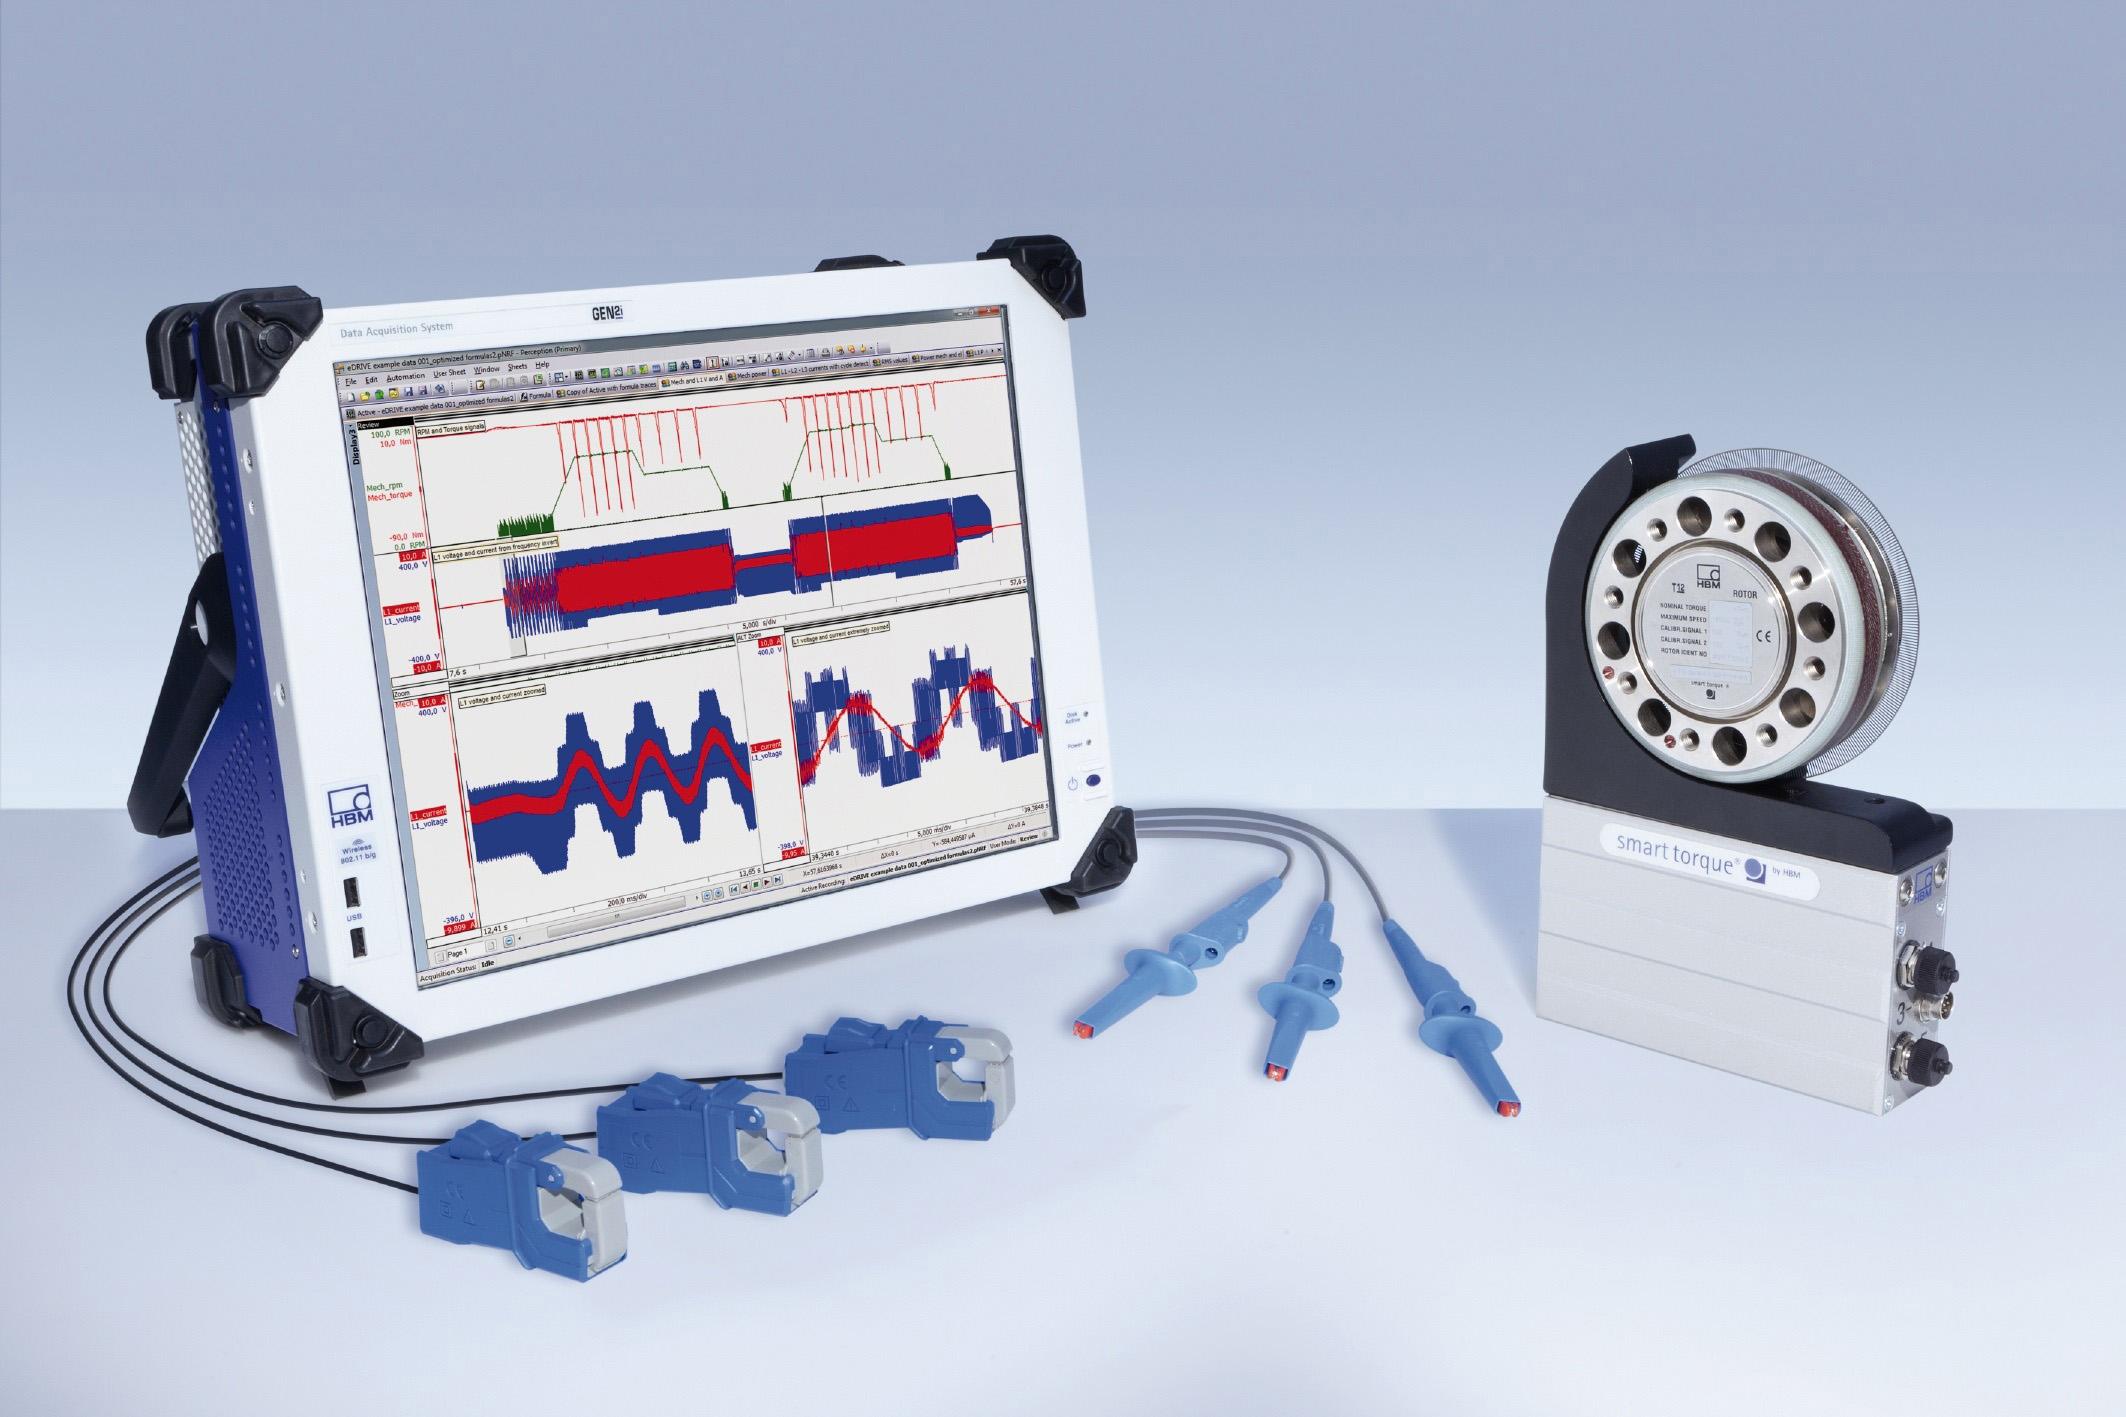 eDrive GEN2i T12 test system from HBM